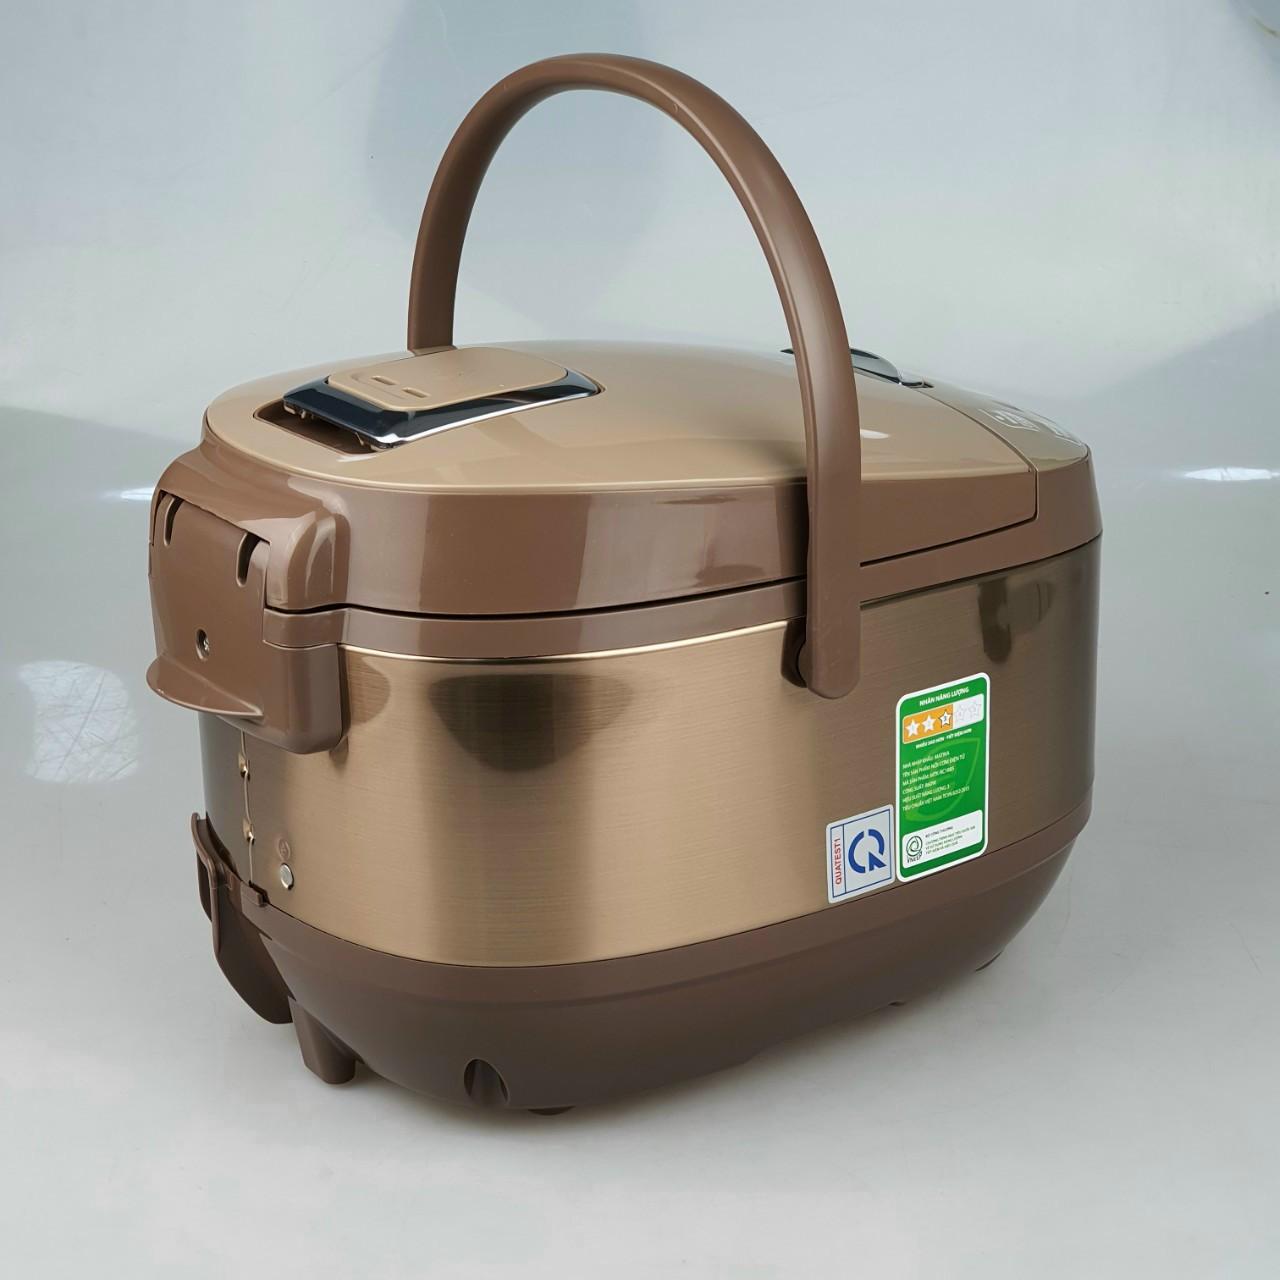 Nồi cơm điện tử đa chức năng nấu 1.8Lit nấu tầm 5 lon gạo RC1885 Matika có chức năng ủ 3D-hàng chính hãng